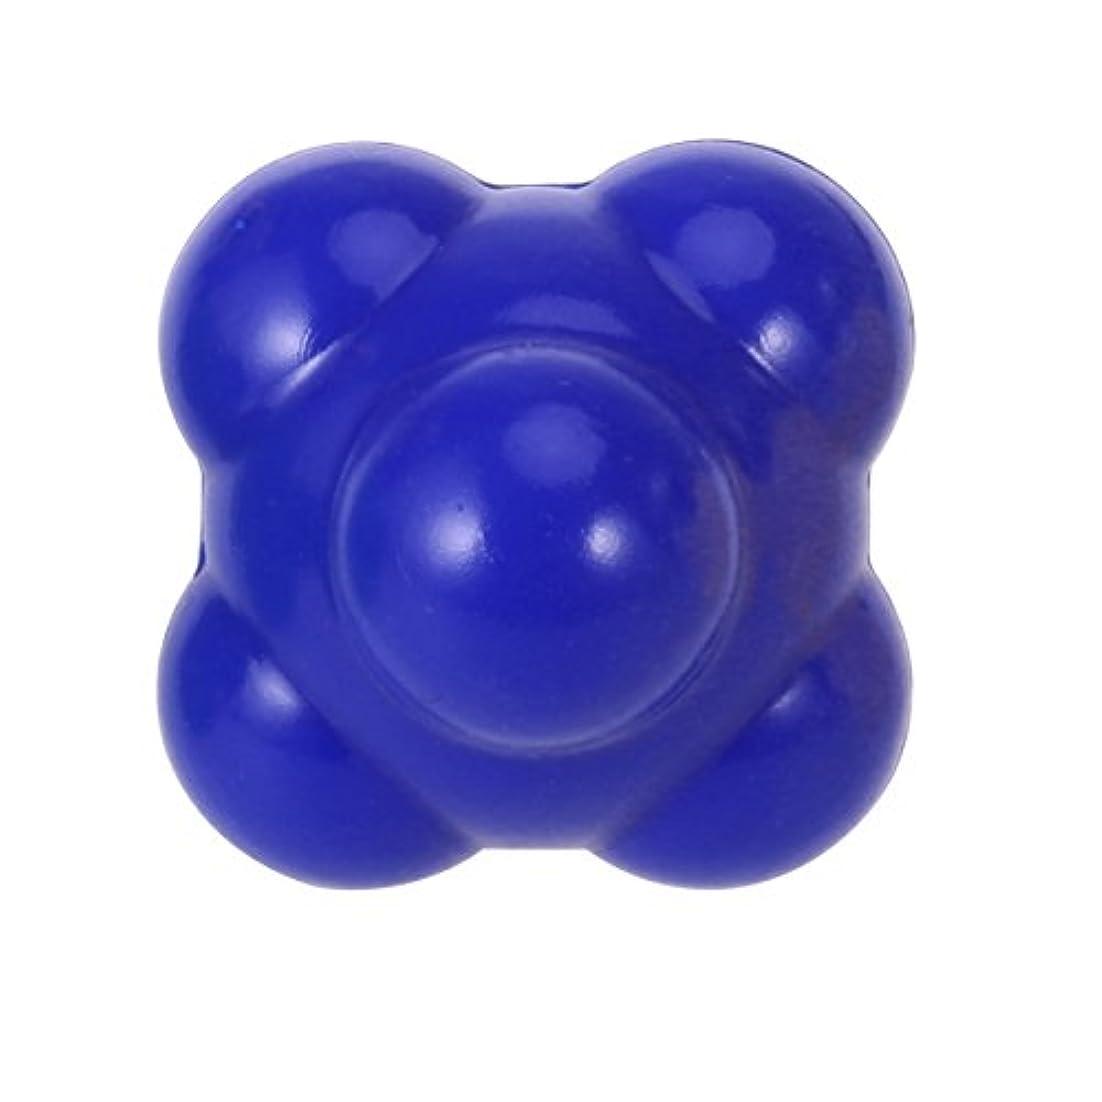 公使館スツール読書ROSENICE 敏捷性ボール58mm優れたハンドアイ配位の開発(ブルー)